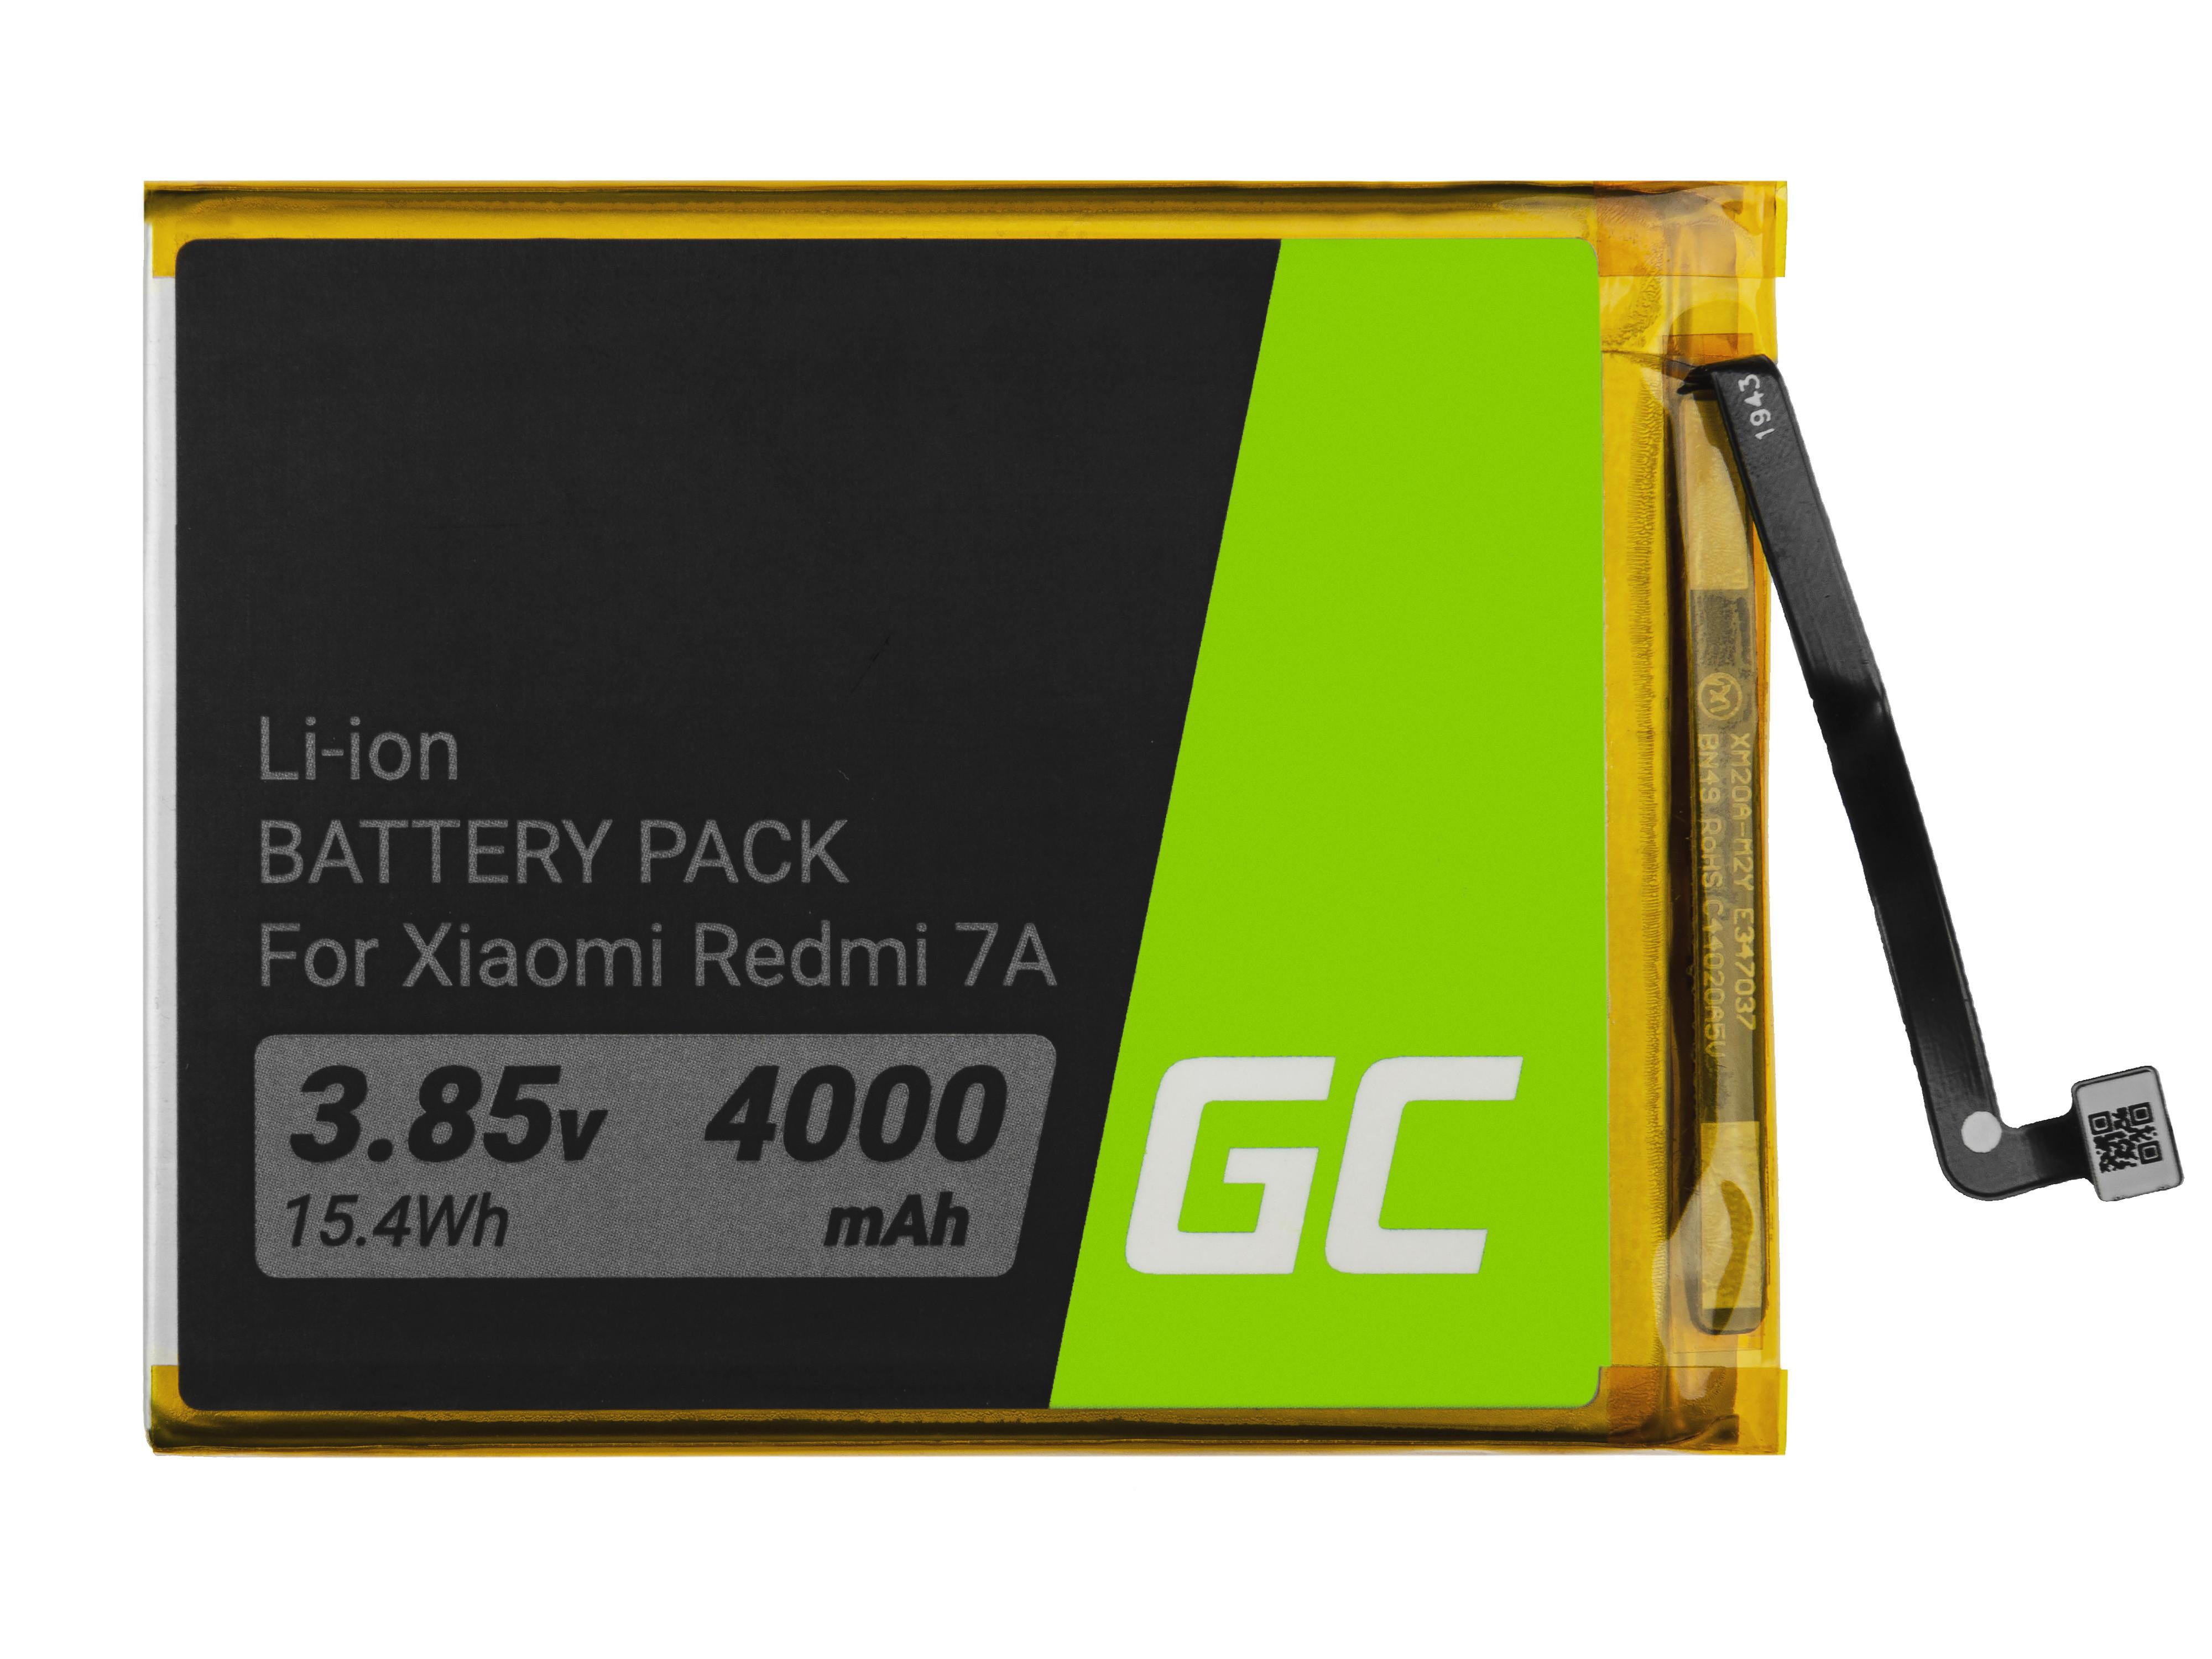 Batteri BN49 för Xiaomi Redmi 7A